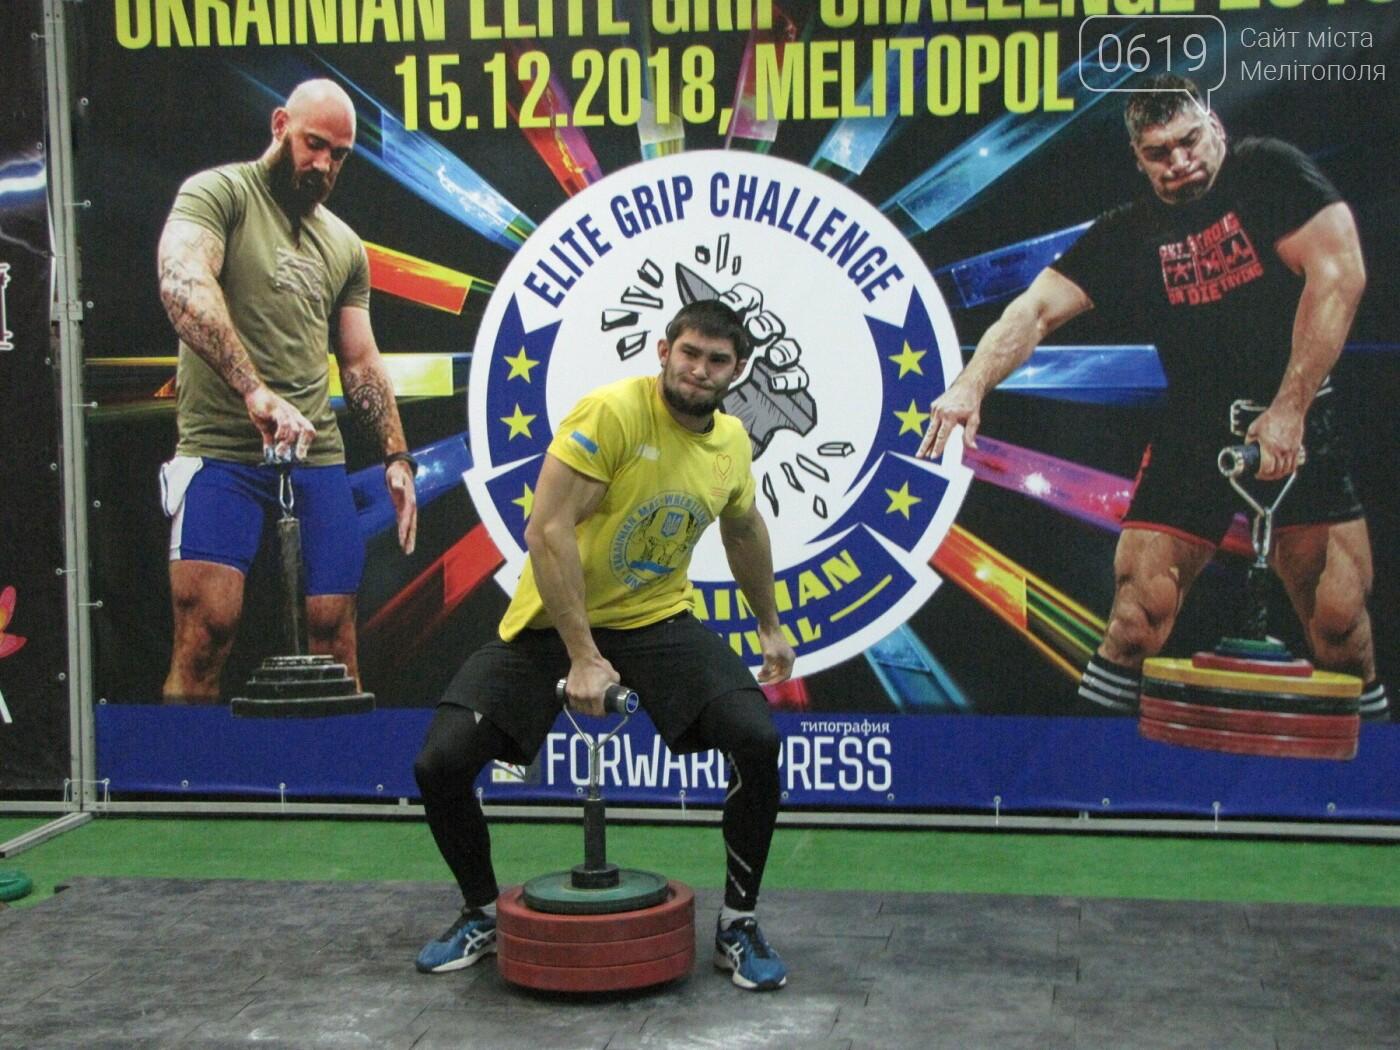 В Мелитополе сильнейшие атлеты соревновались в силе хвата, фото-10